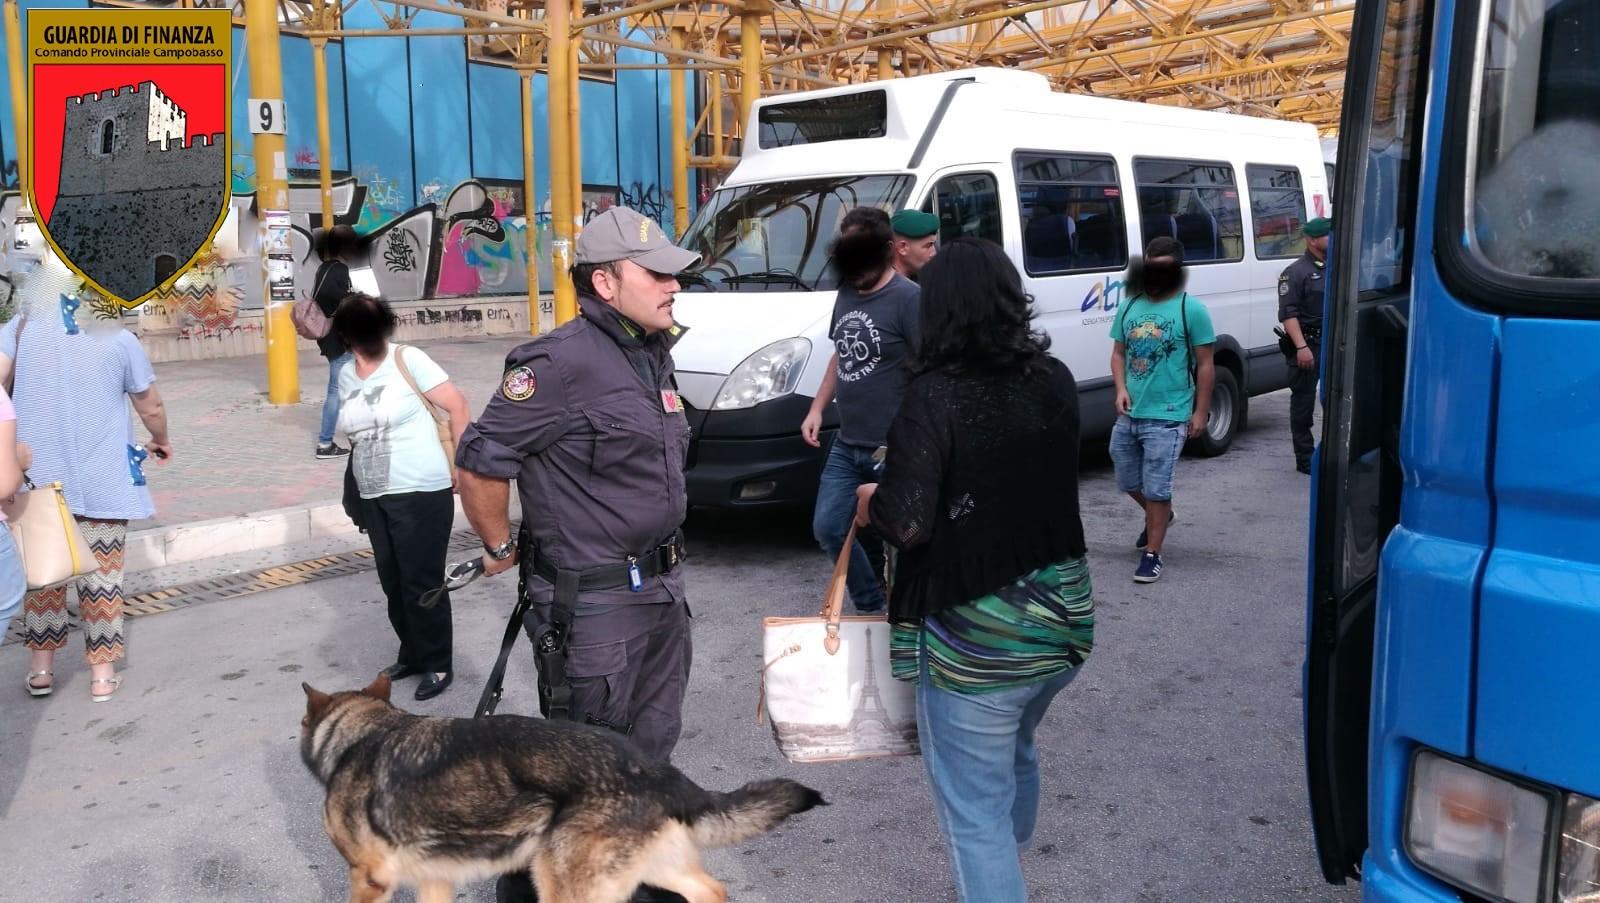 Campobasso:apertura scuola, la Finanza controlla e presidia i punti sensibili della città.